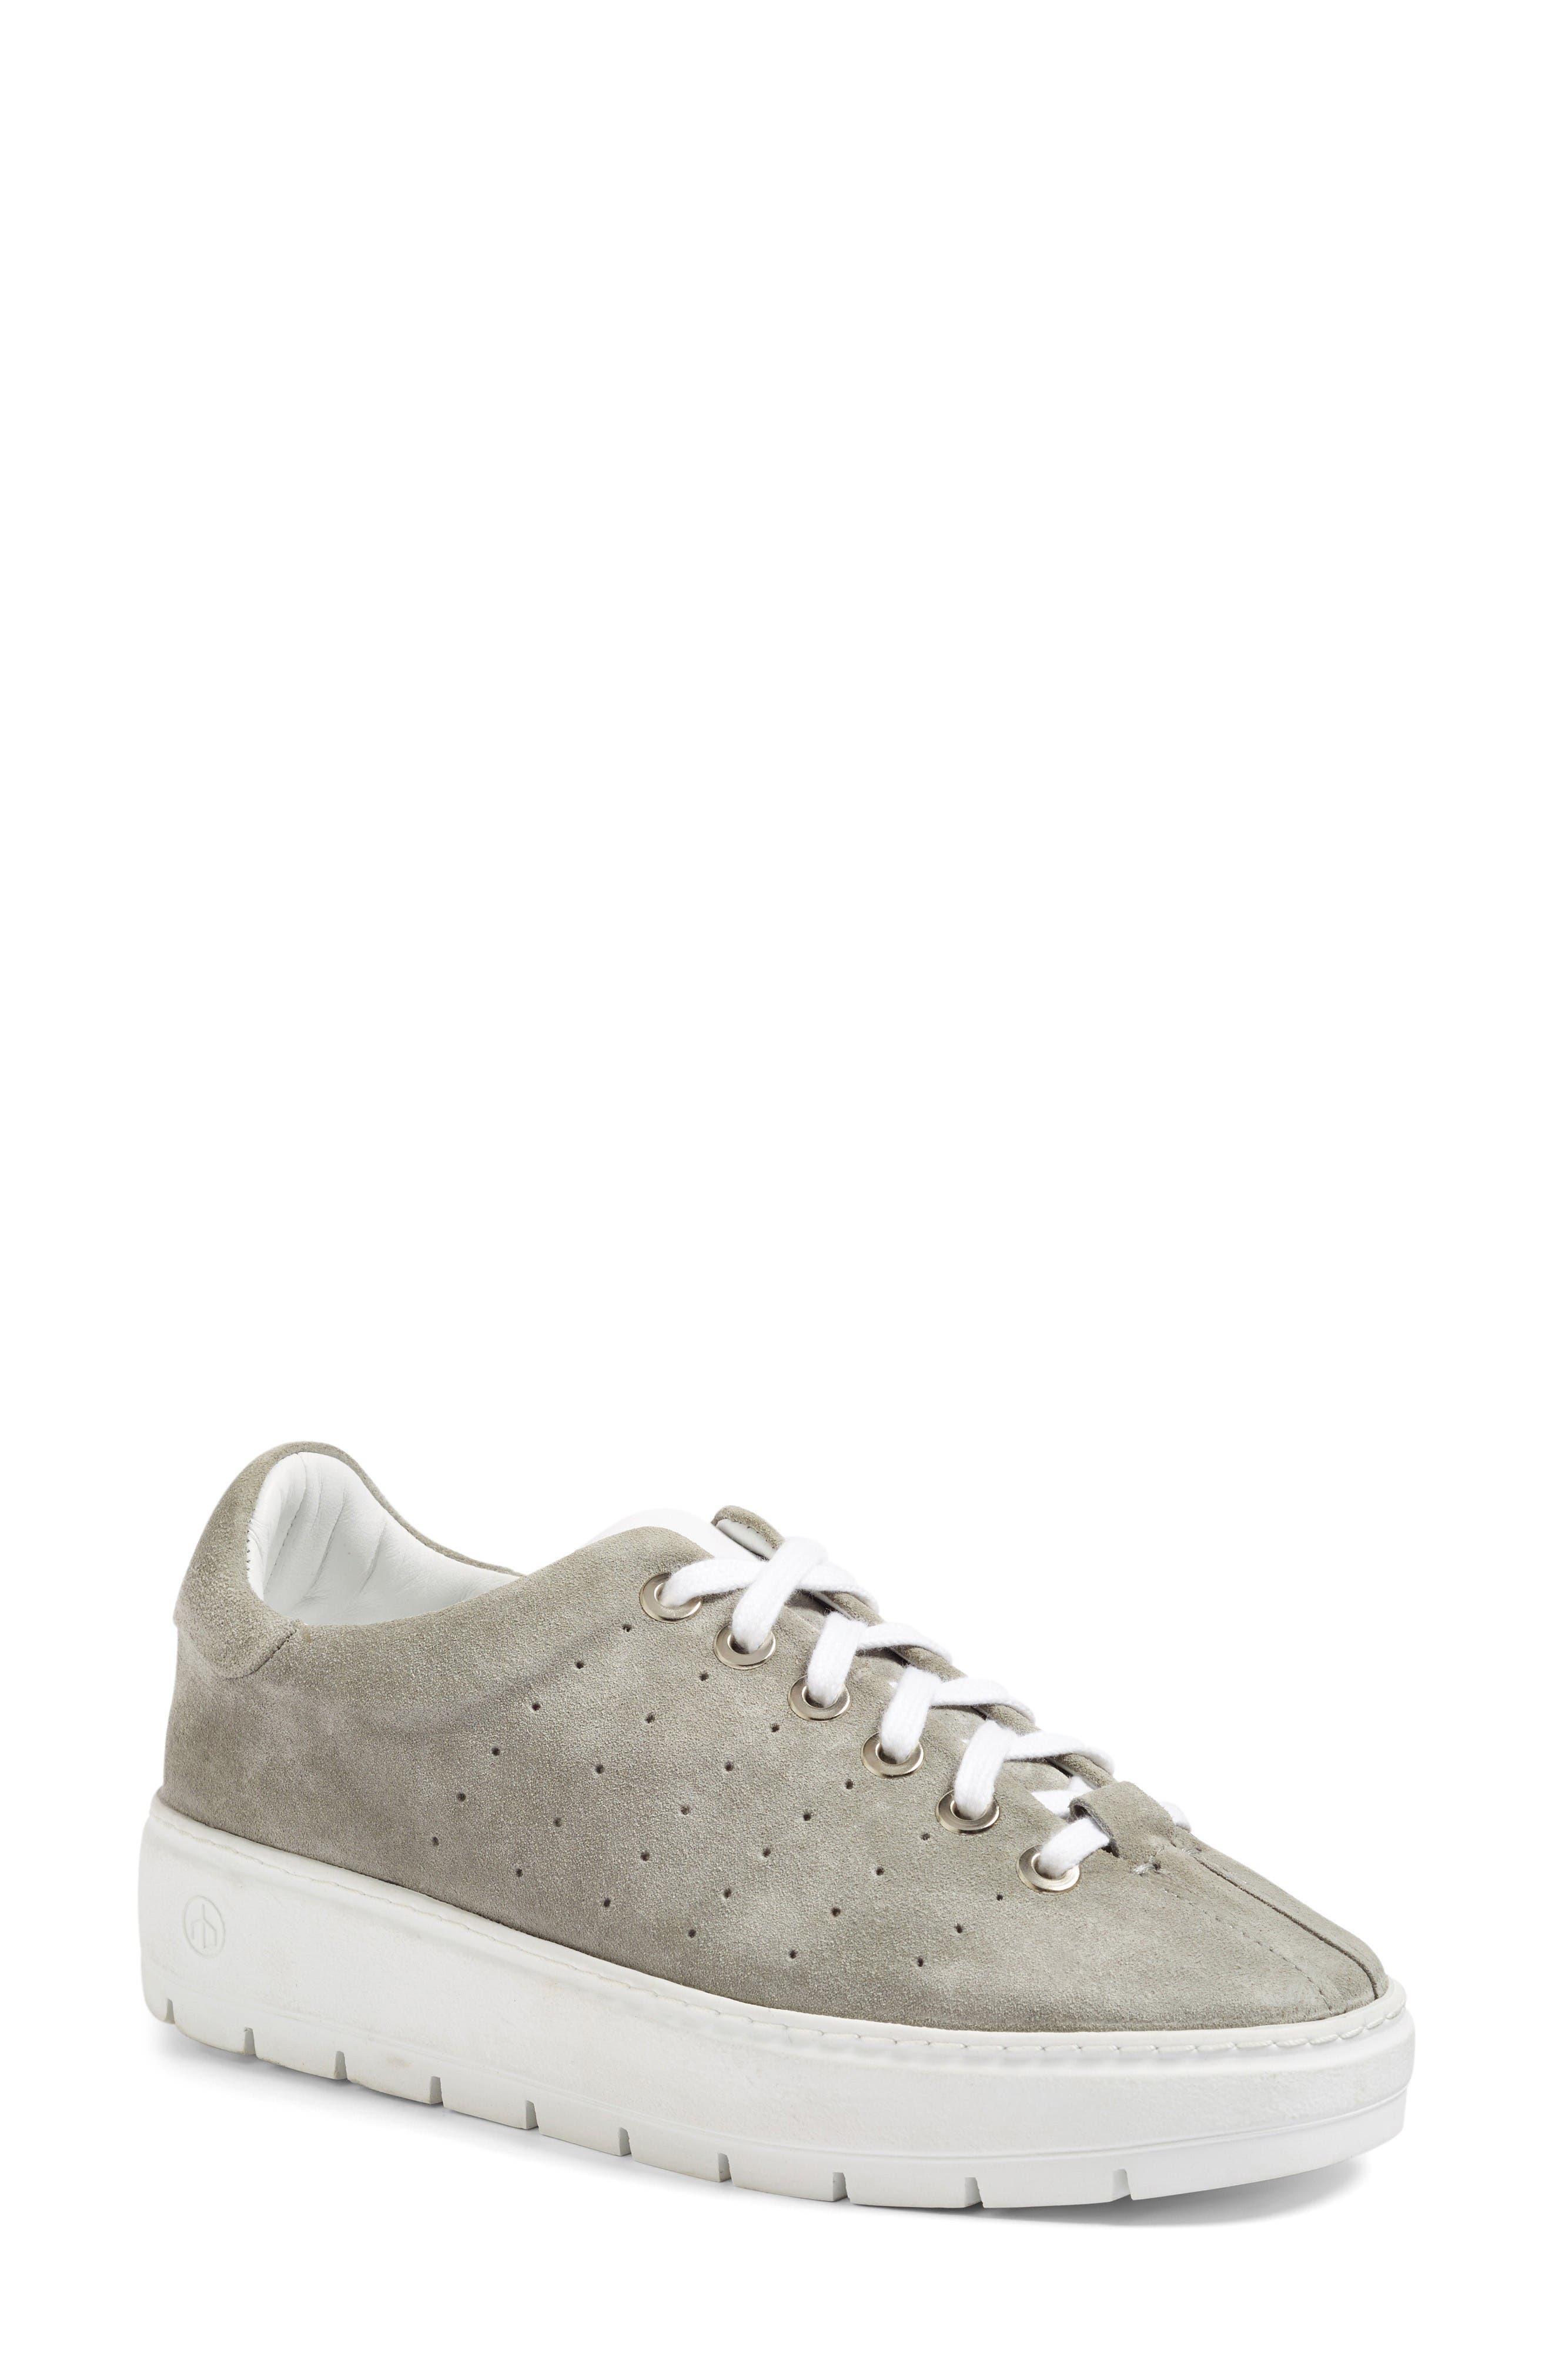 RAG & BONE Linden Sneaker